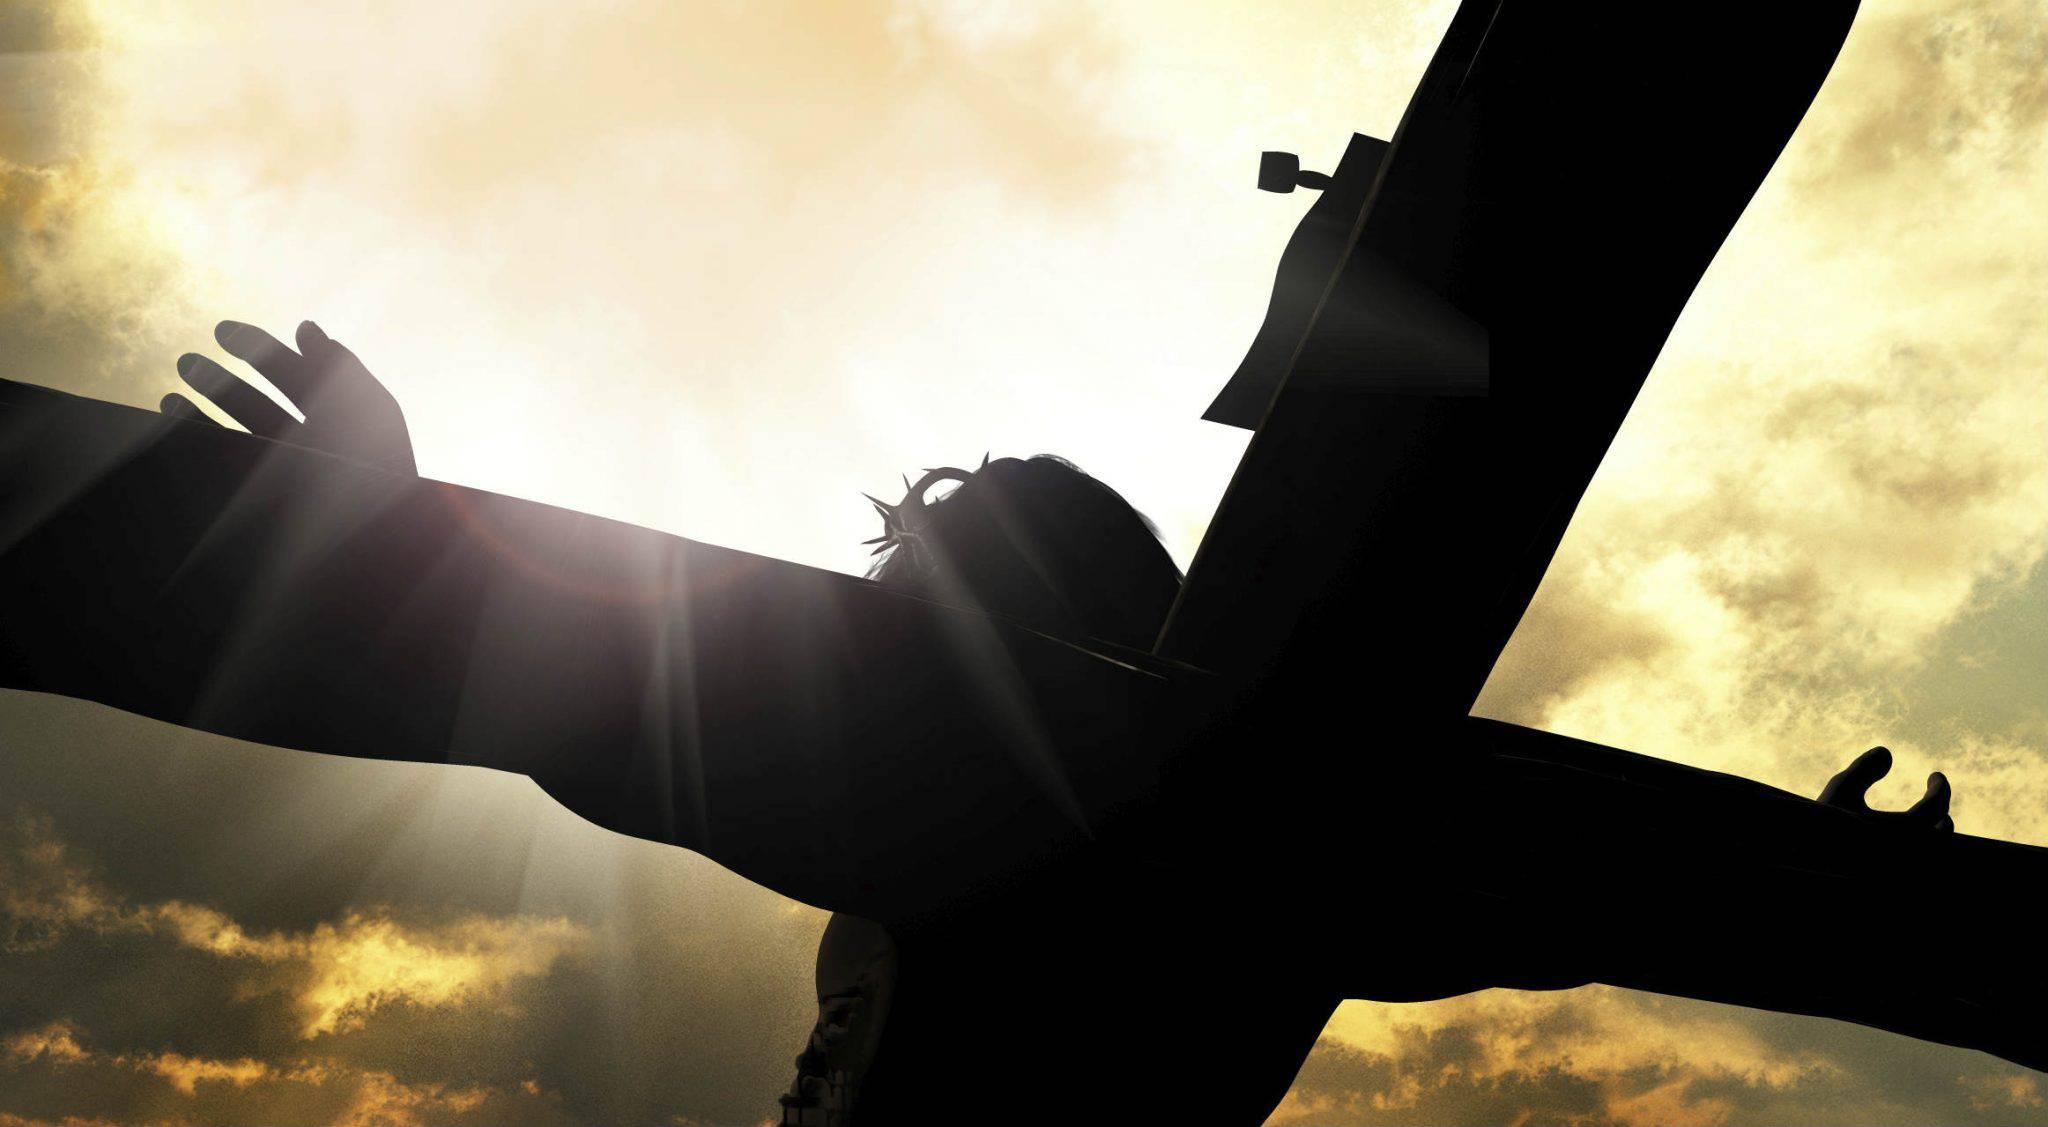 """L'esperienza premorte del Dr. Laundry: """"Ero morto, ma Gesù mi ha rimandato indietro"""""""